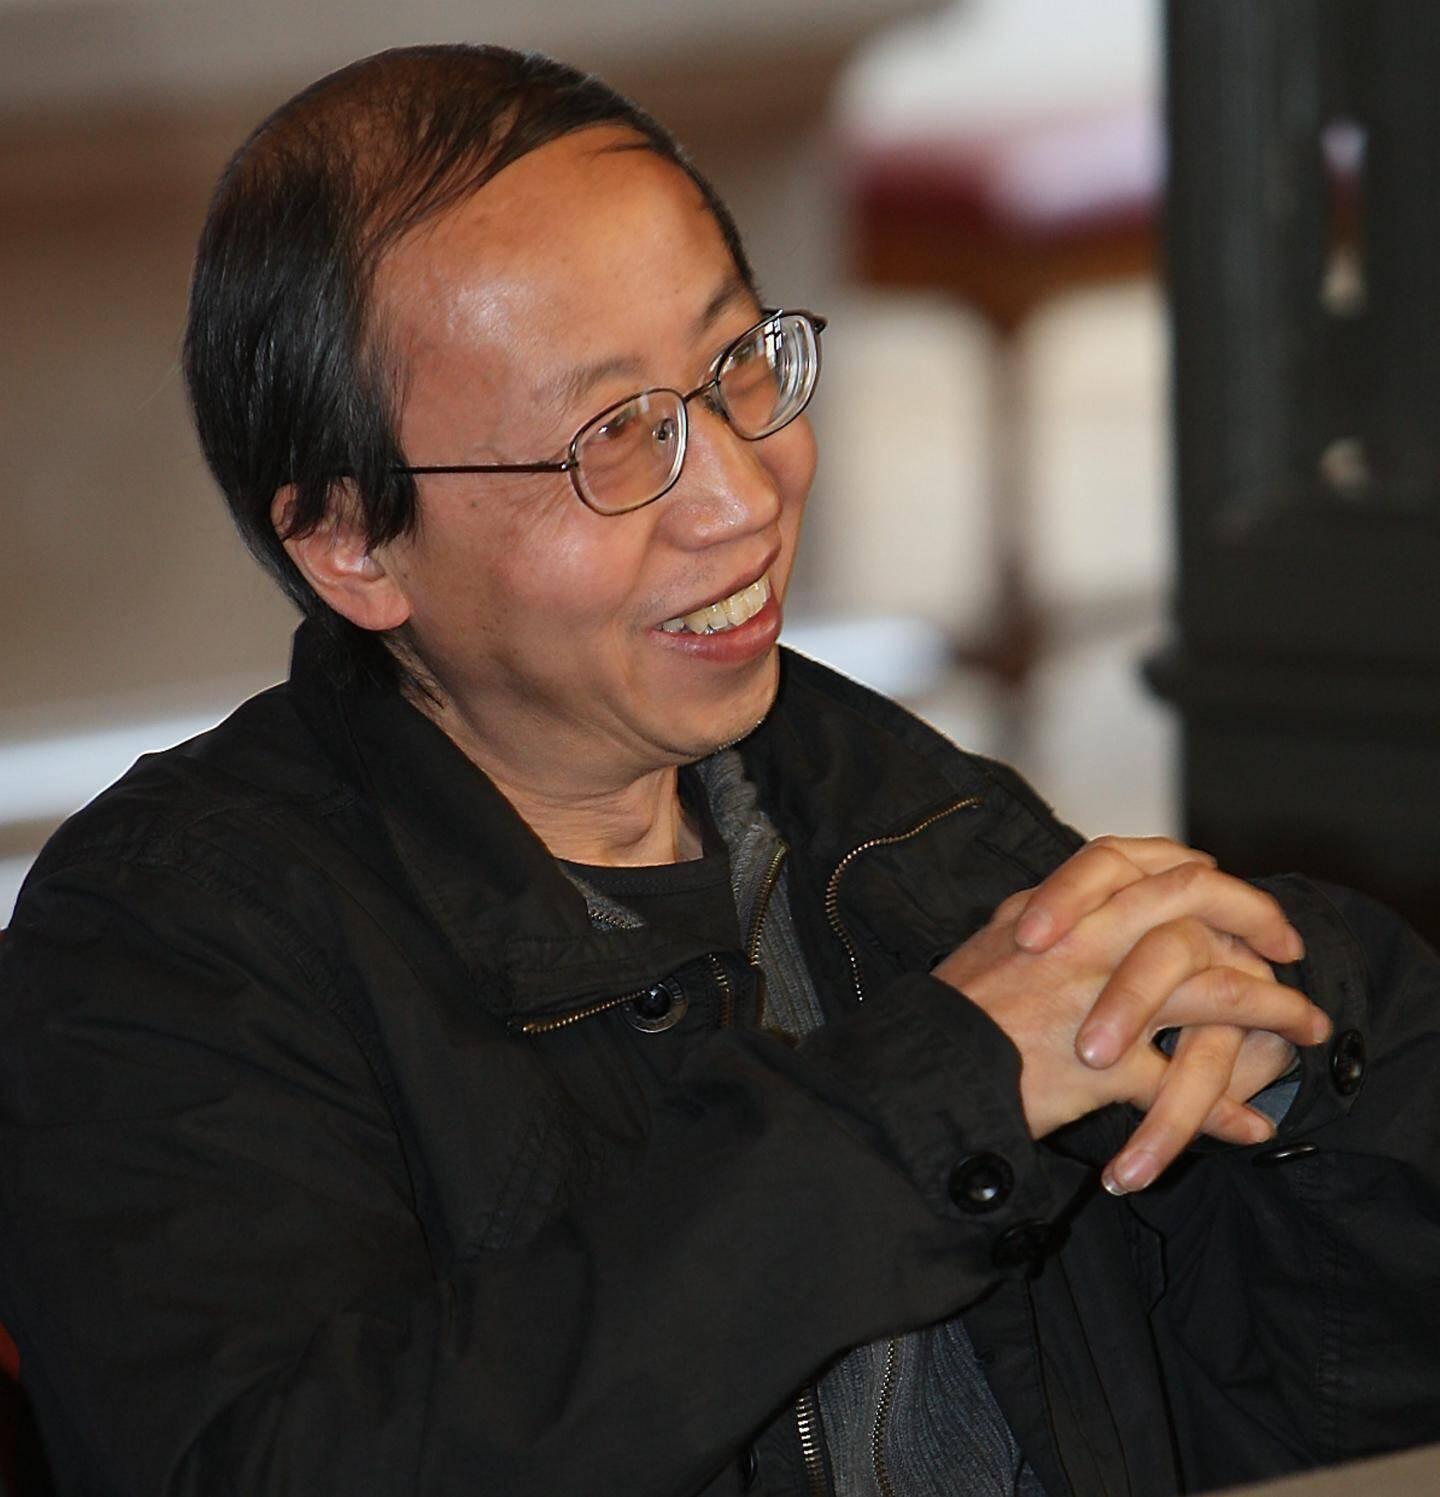 L'artiste chinois naturalisé français Huang Yong Ping s'est éteint ce dimanche 20 octobre à Paris à l'âge de 65 ans.